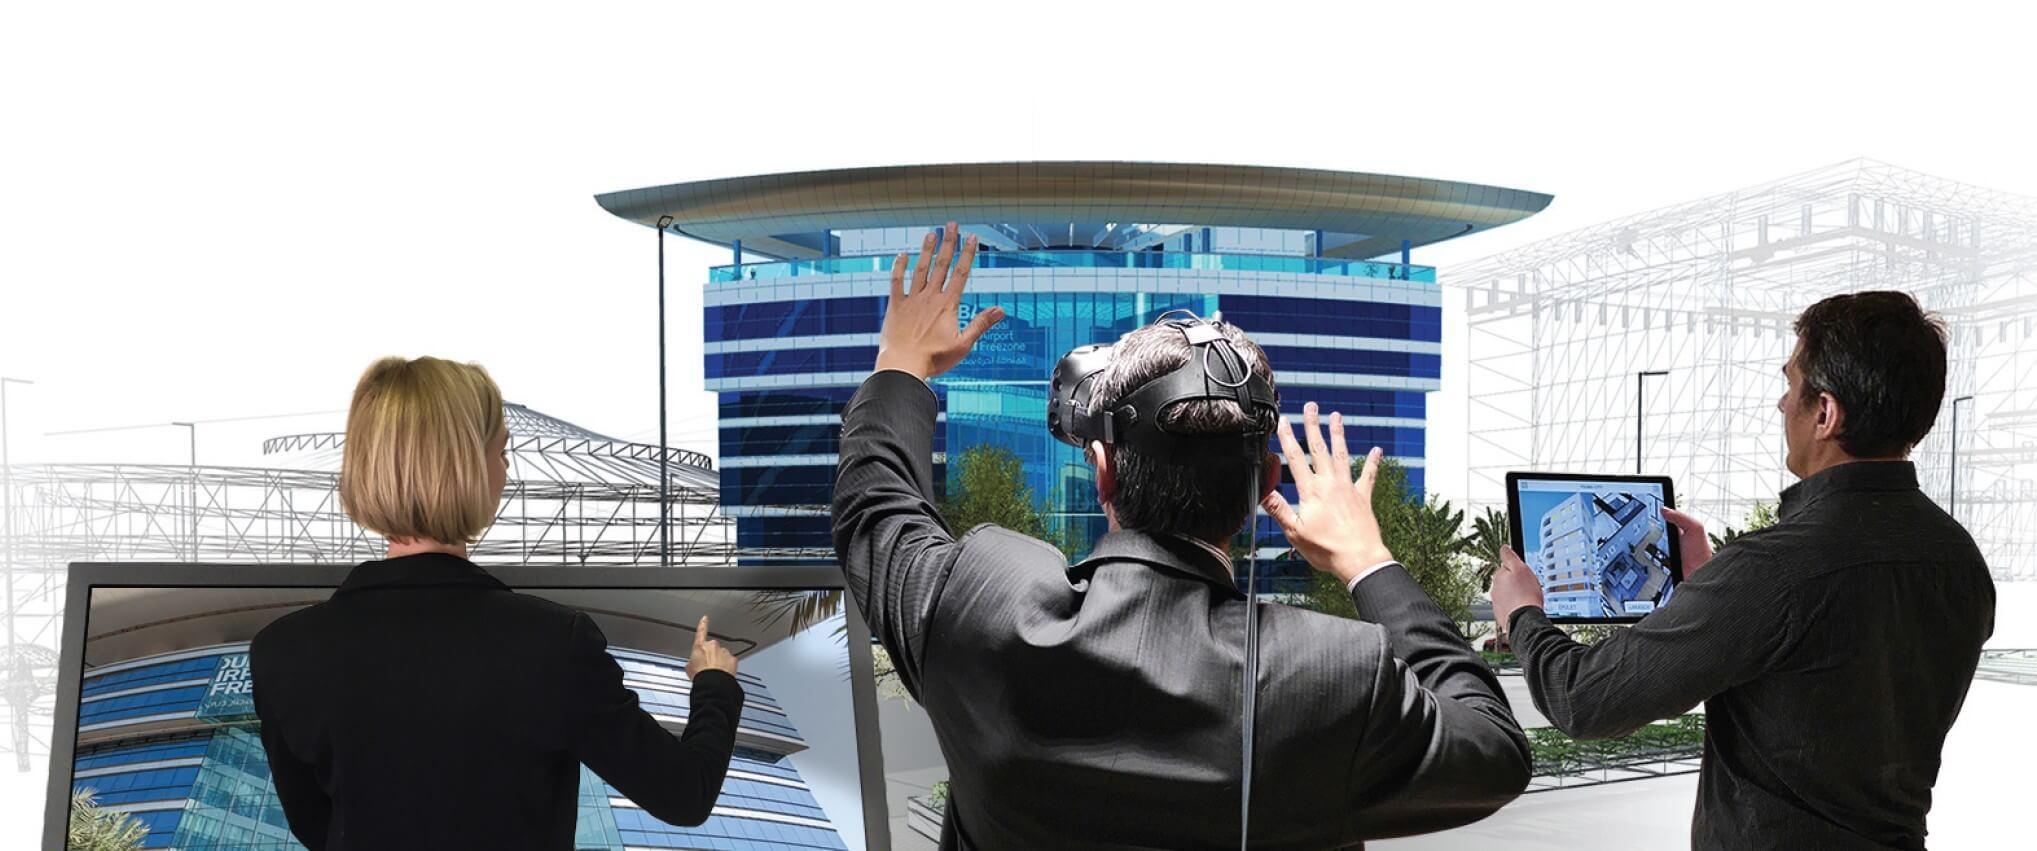 Magyar fejlesztéssel bolyonghatunk a jövő épületeiben